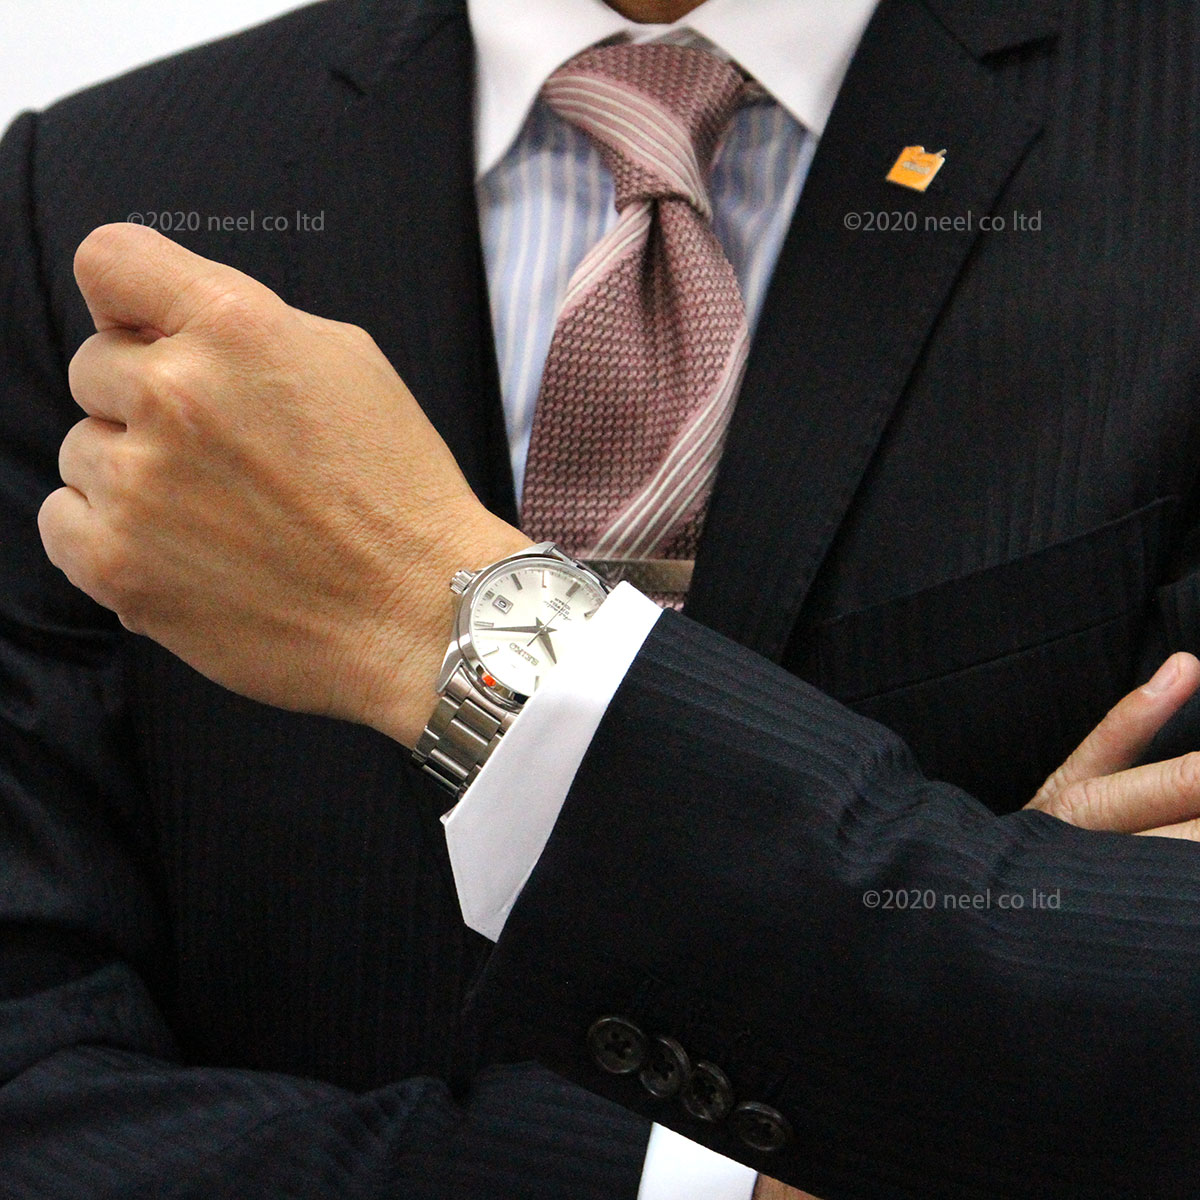 セイコー メカニカル 自動巻き 先行販売 ネット流通限定モデル 腕時計 メンズ ドレスライン SEIKO Mechanical SZSB011